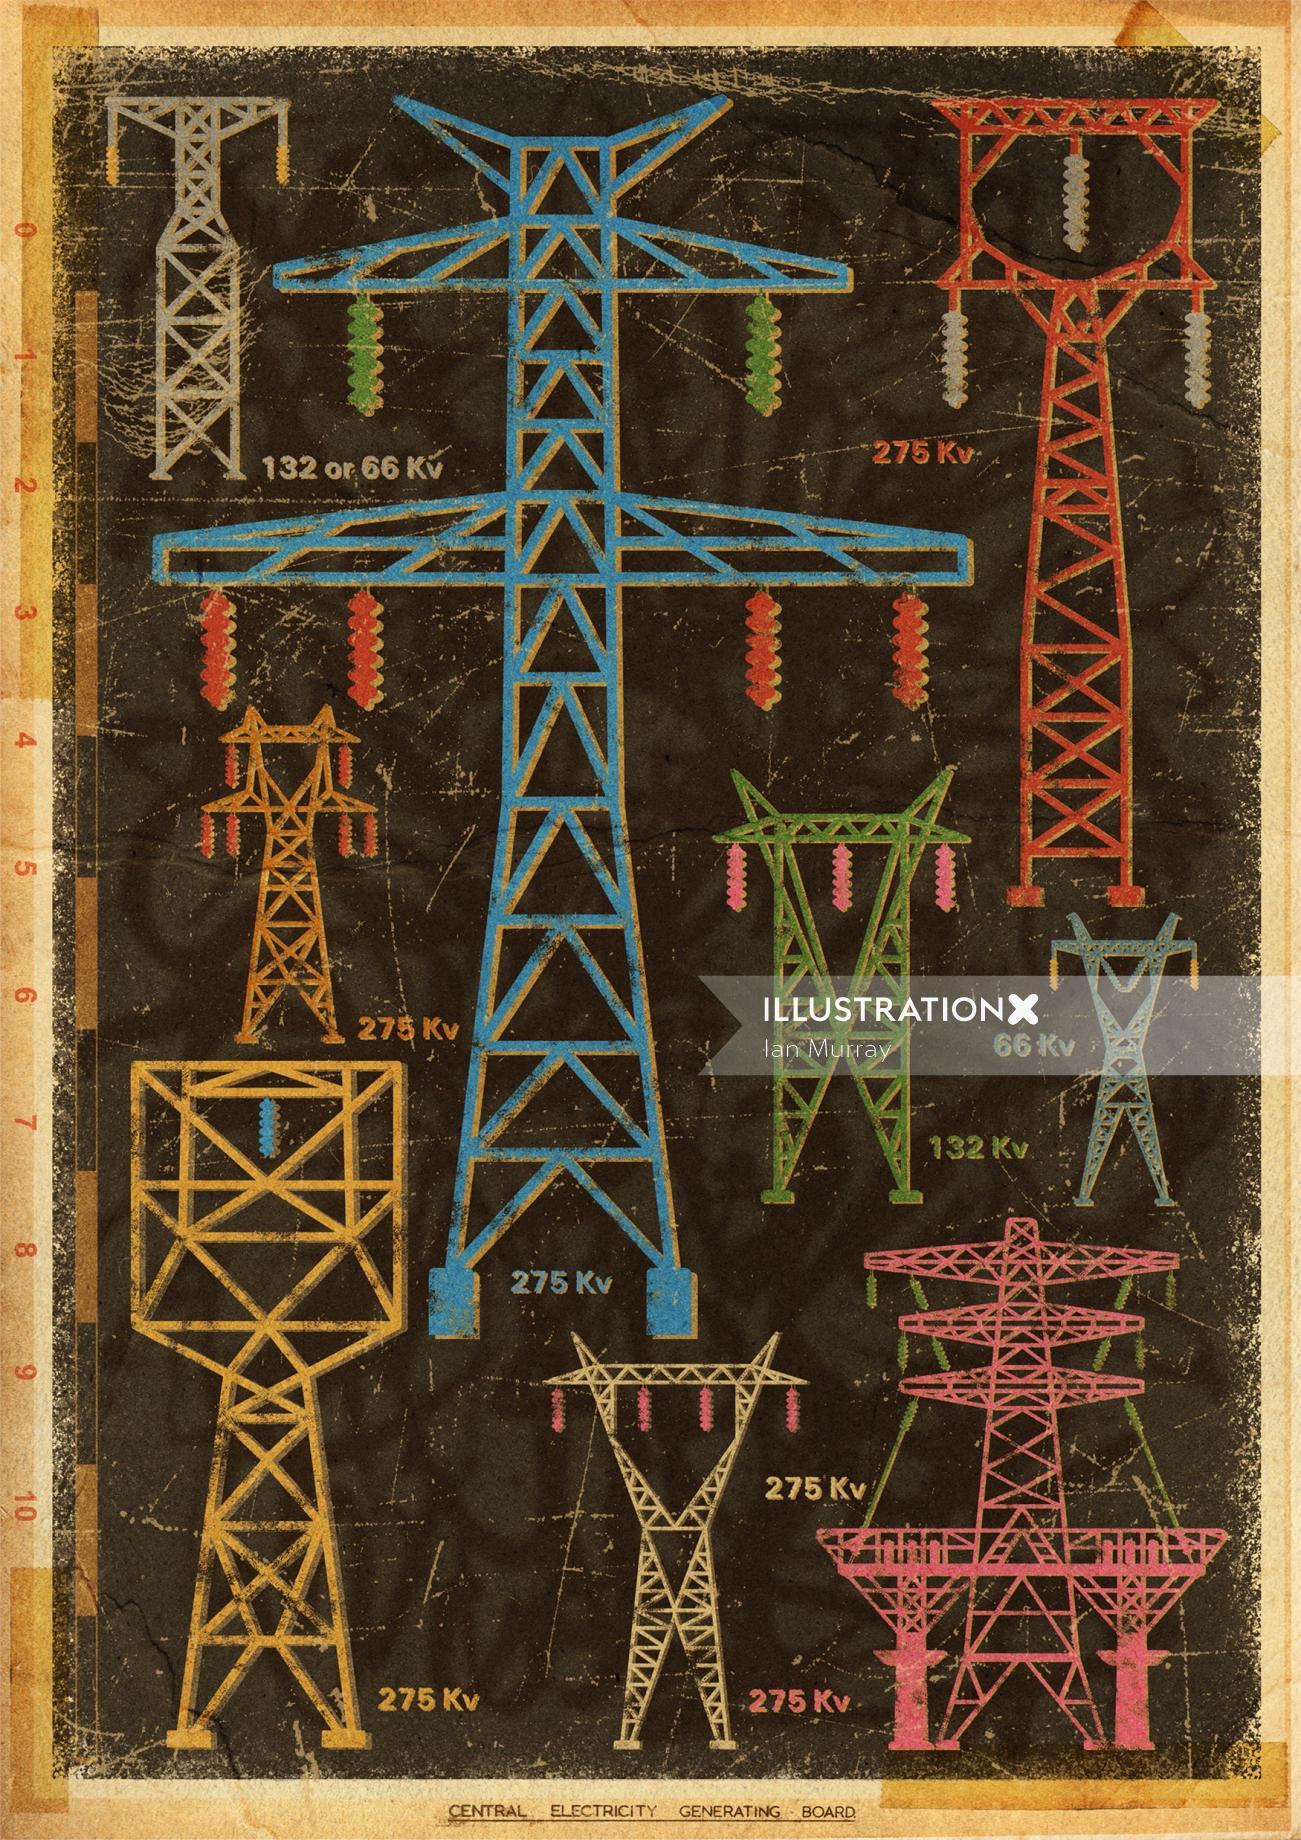 Multiple KV Pylons